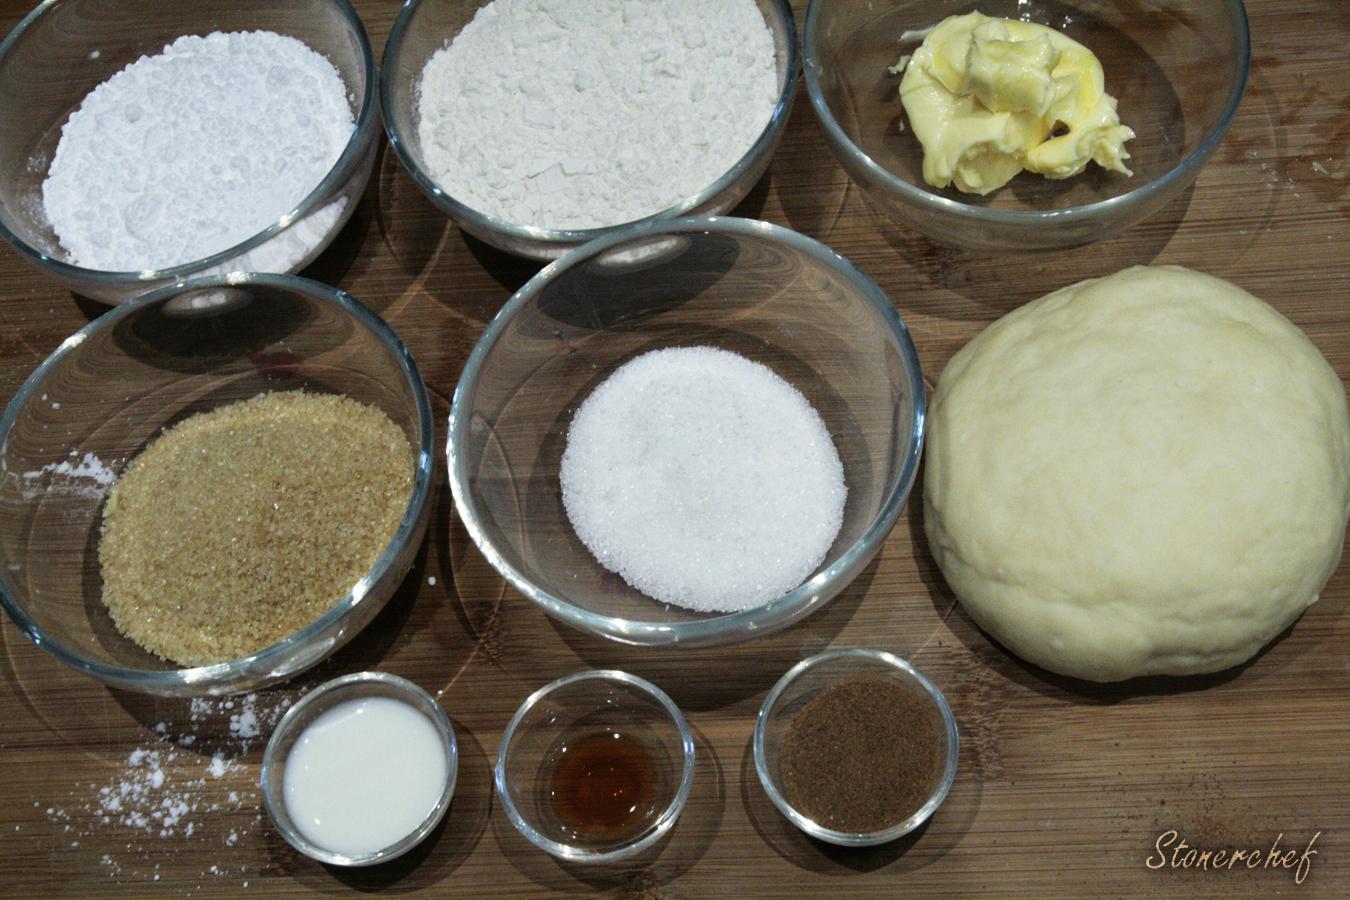 składniki na deserową pizzę z kruszonką cynamonową